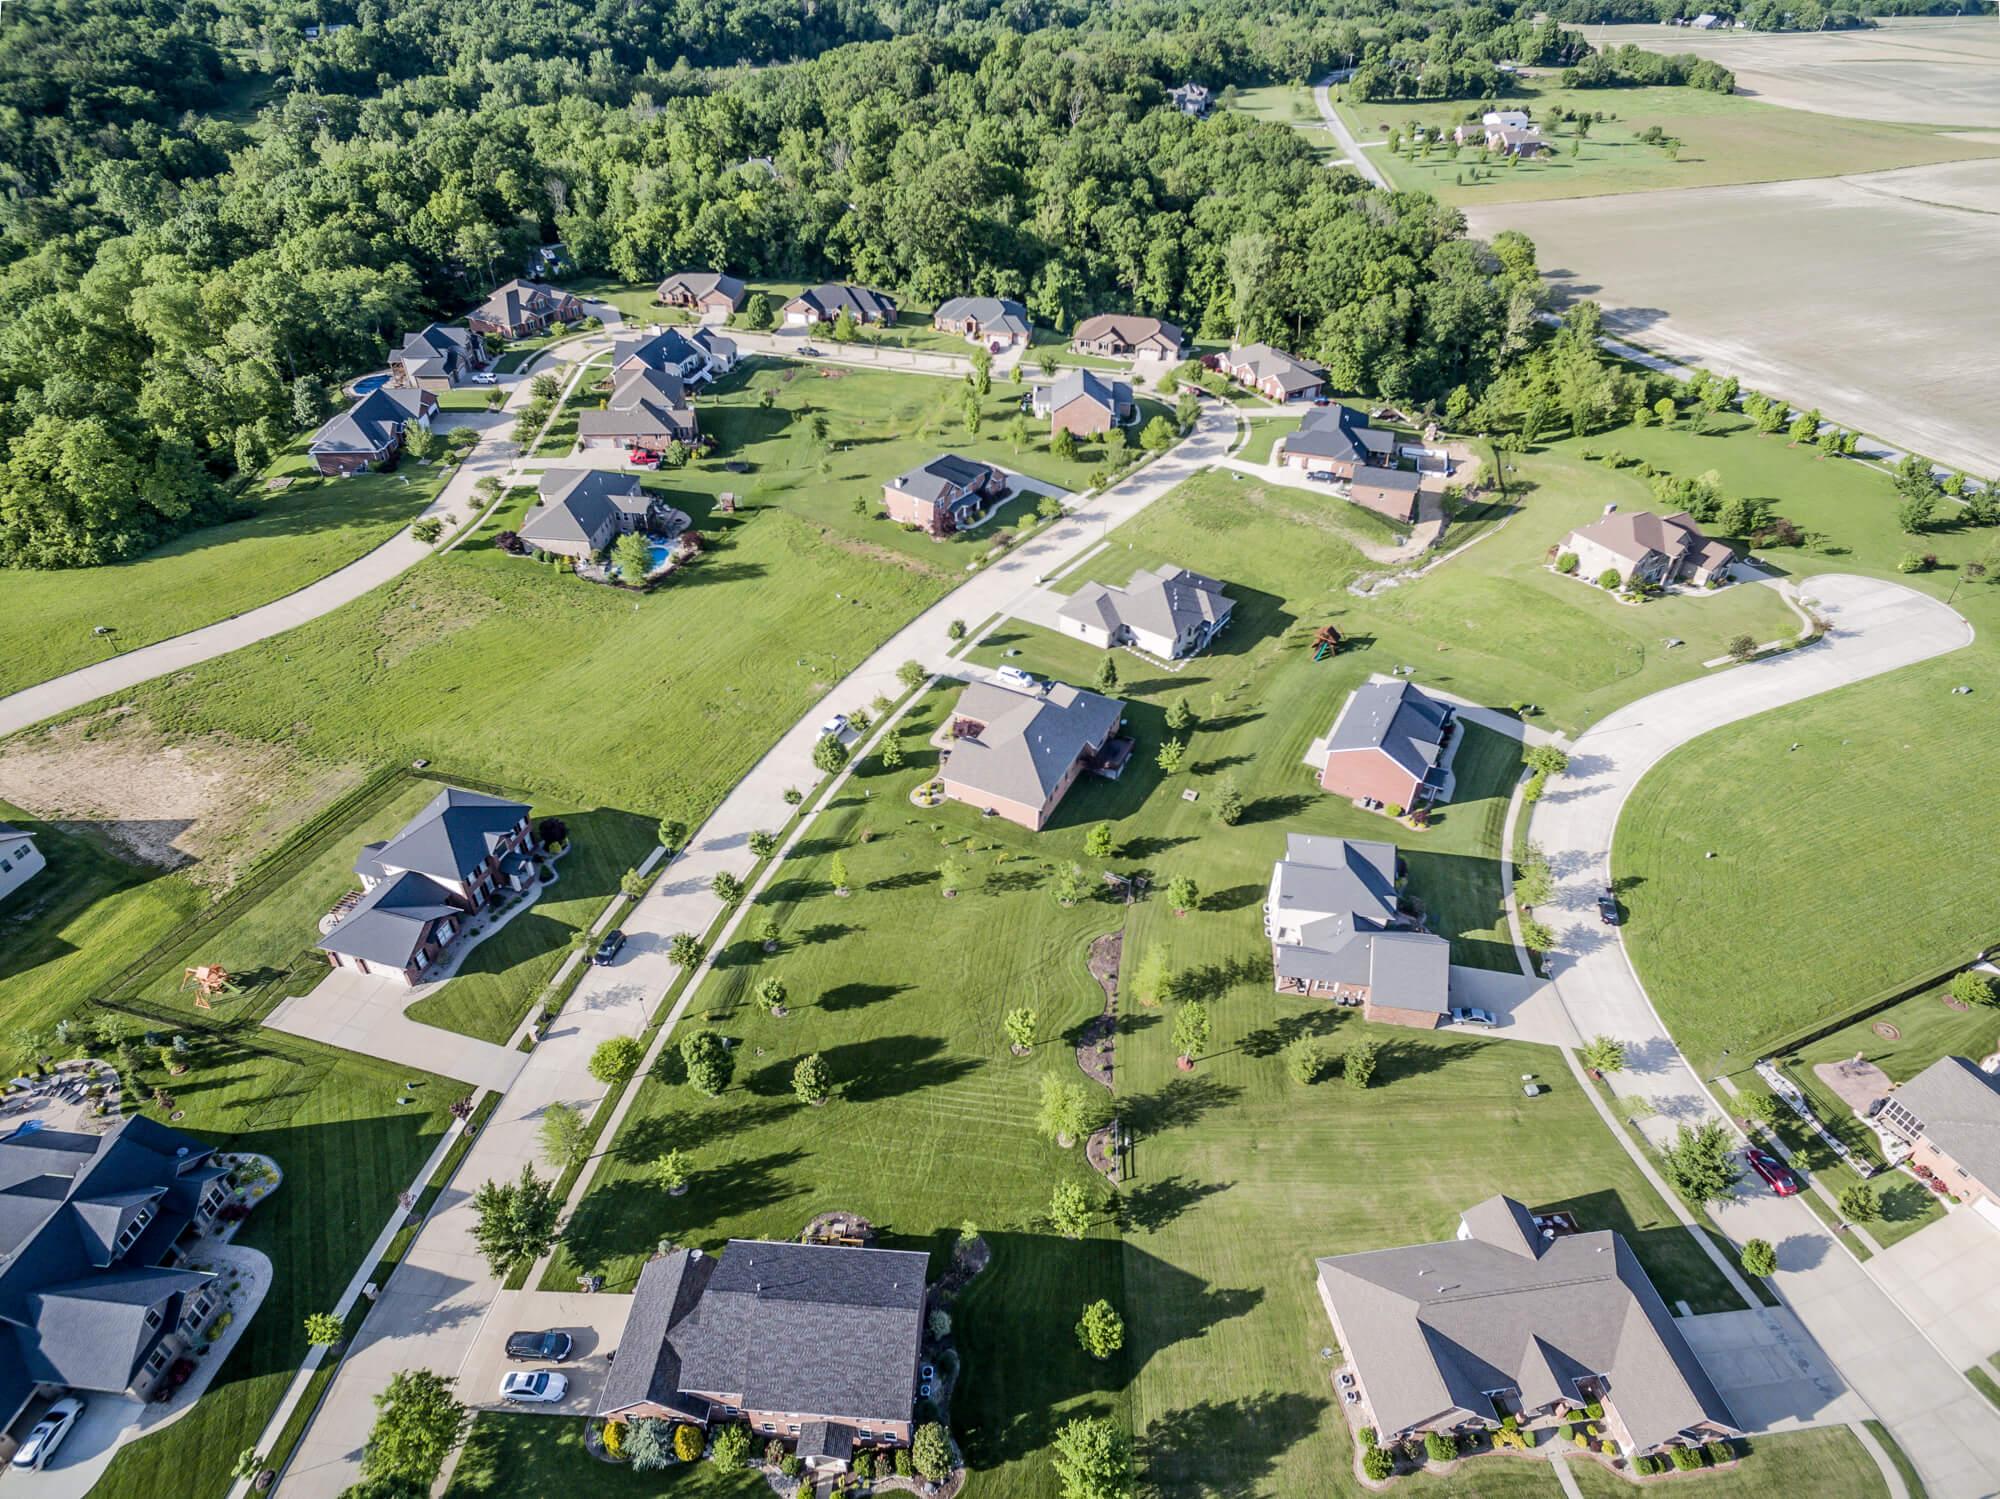 Cobblestone_Ridge_O'Fallon_Illinois_Aerials_1-5.jpg